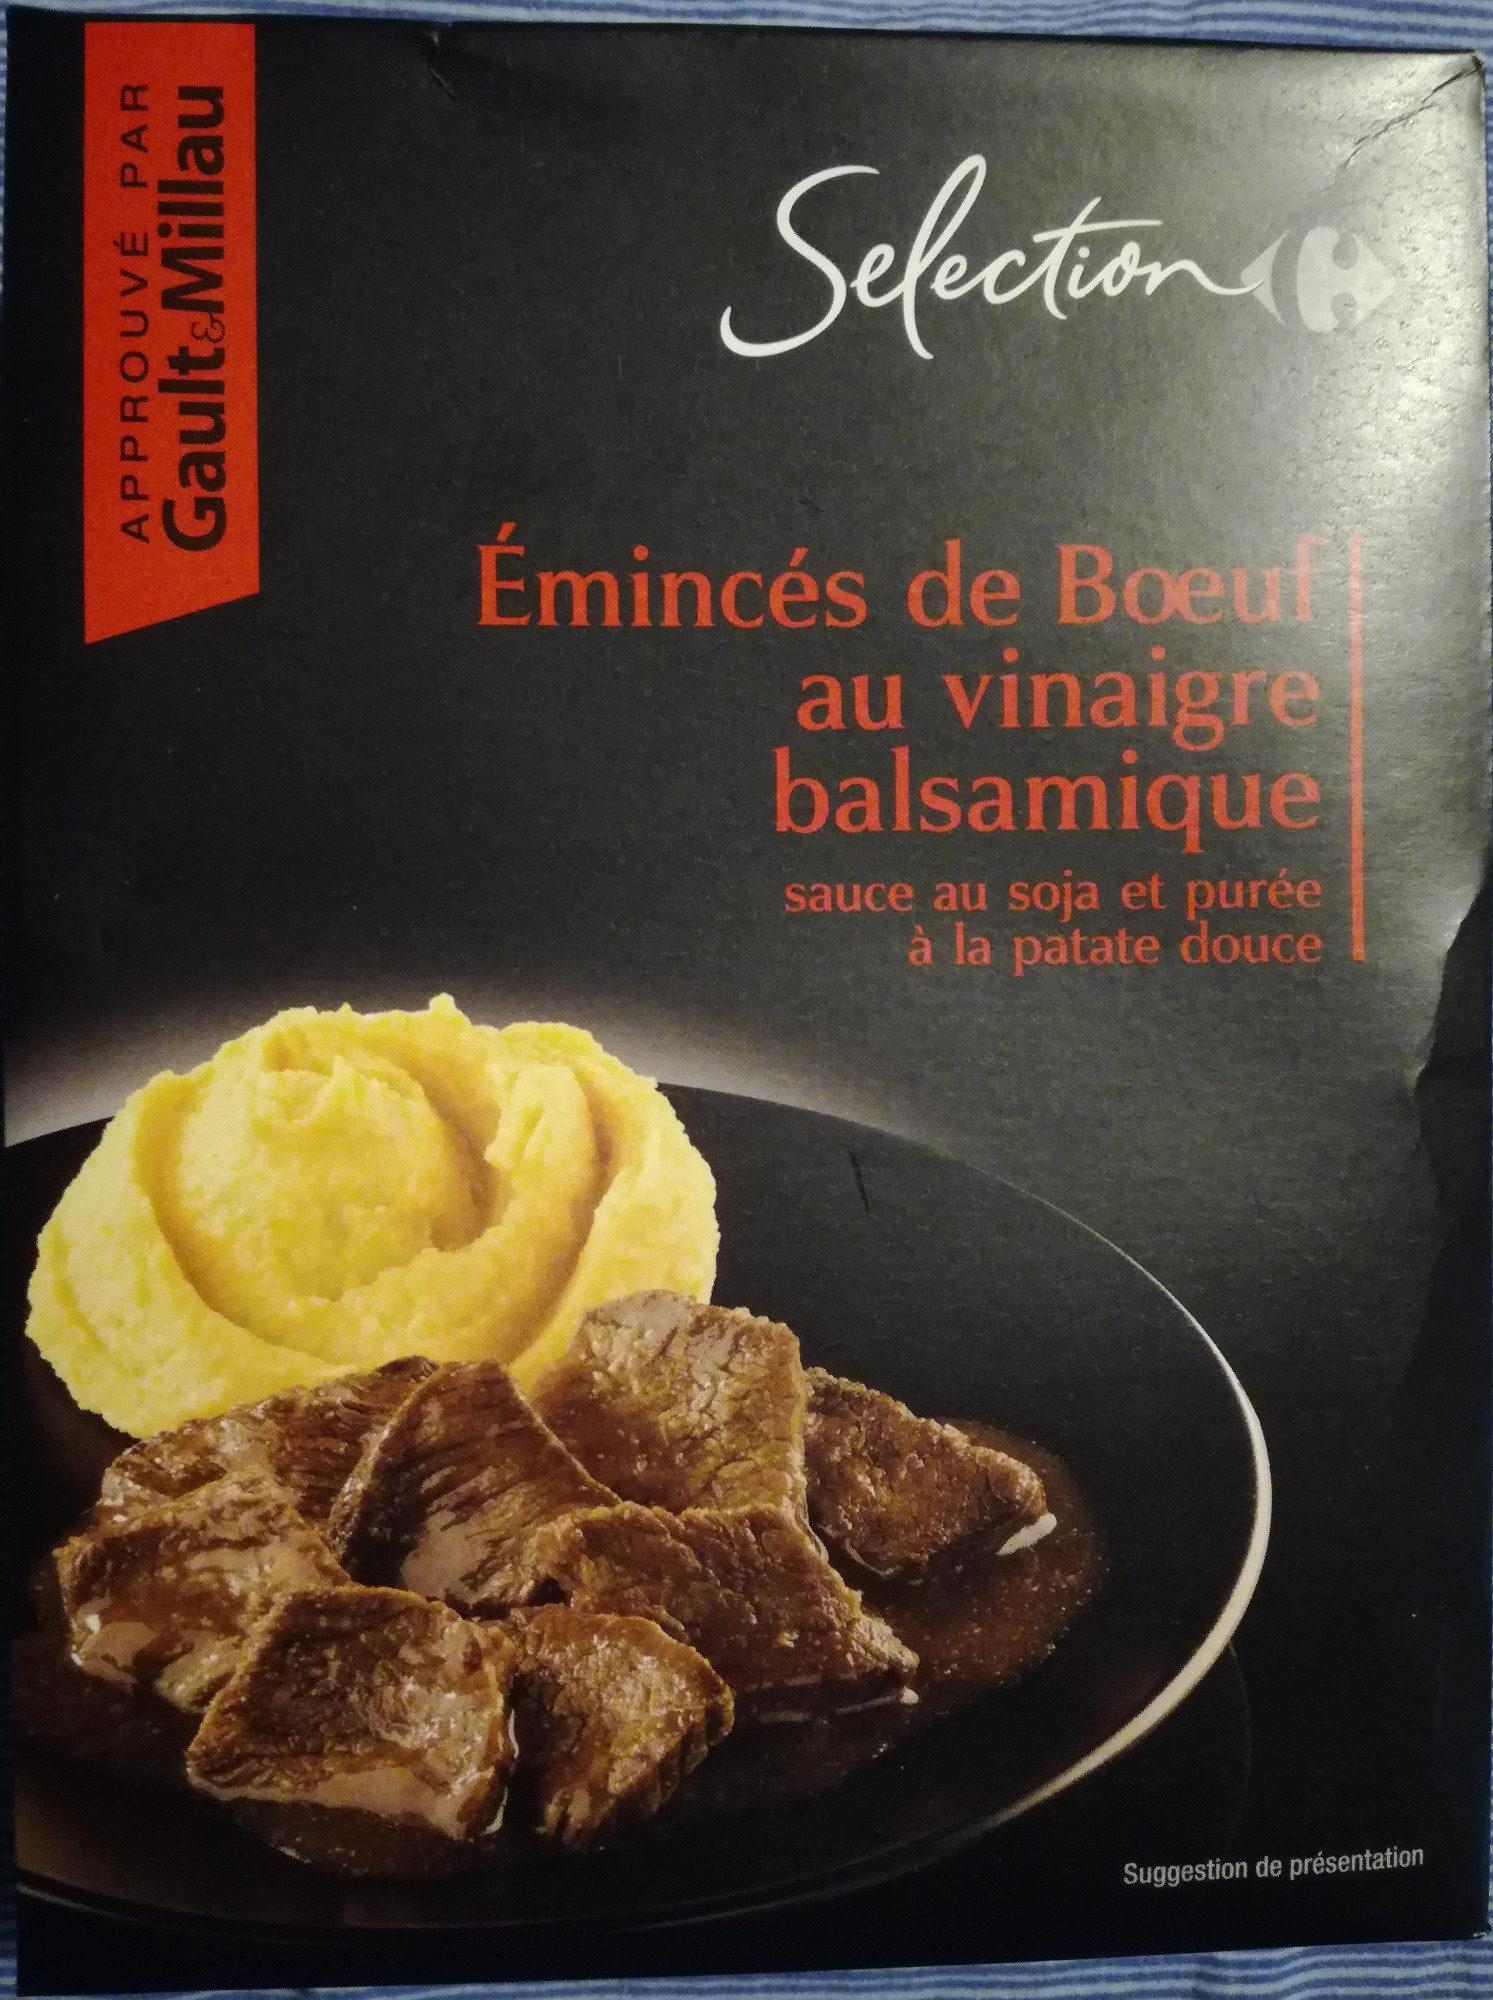 Émincés de bœuf au vinaigre balsamique sauce au soja et purée à la patate douce - Produit - fr